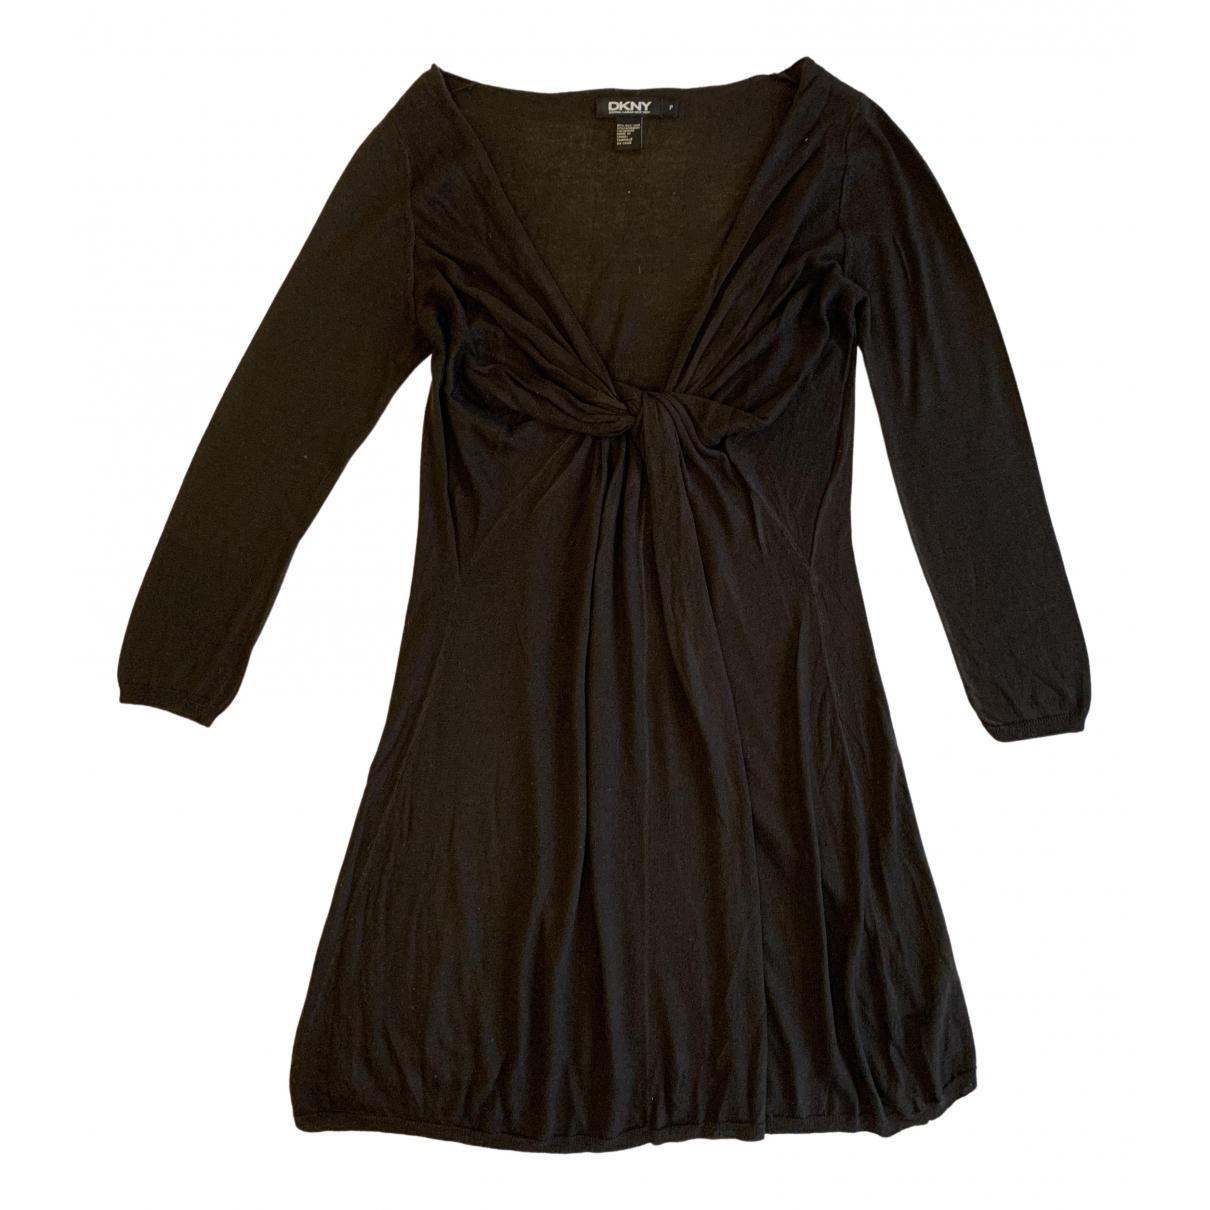 Dkny \N Kleid in  Braun Wolle